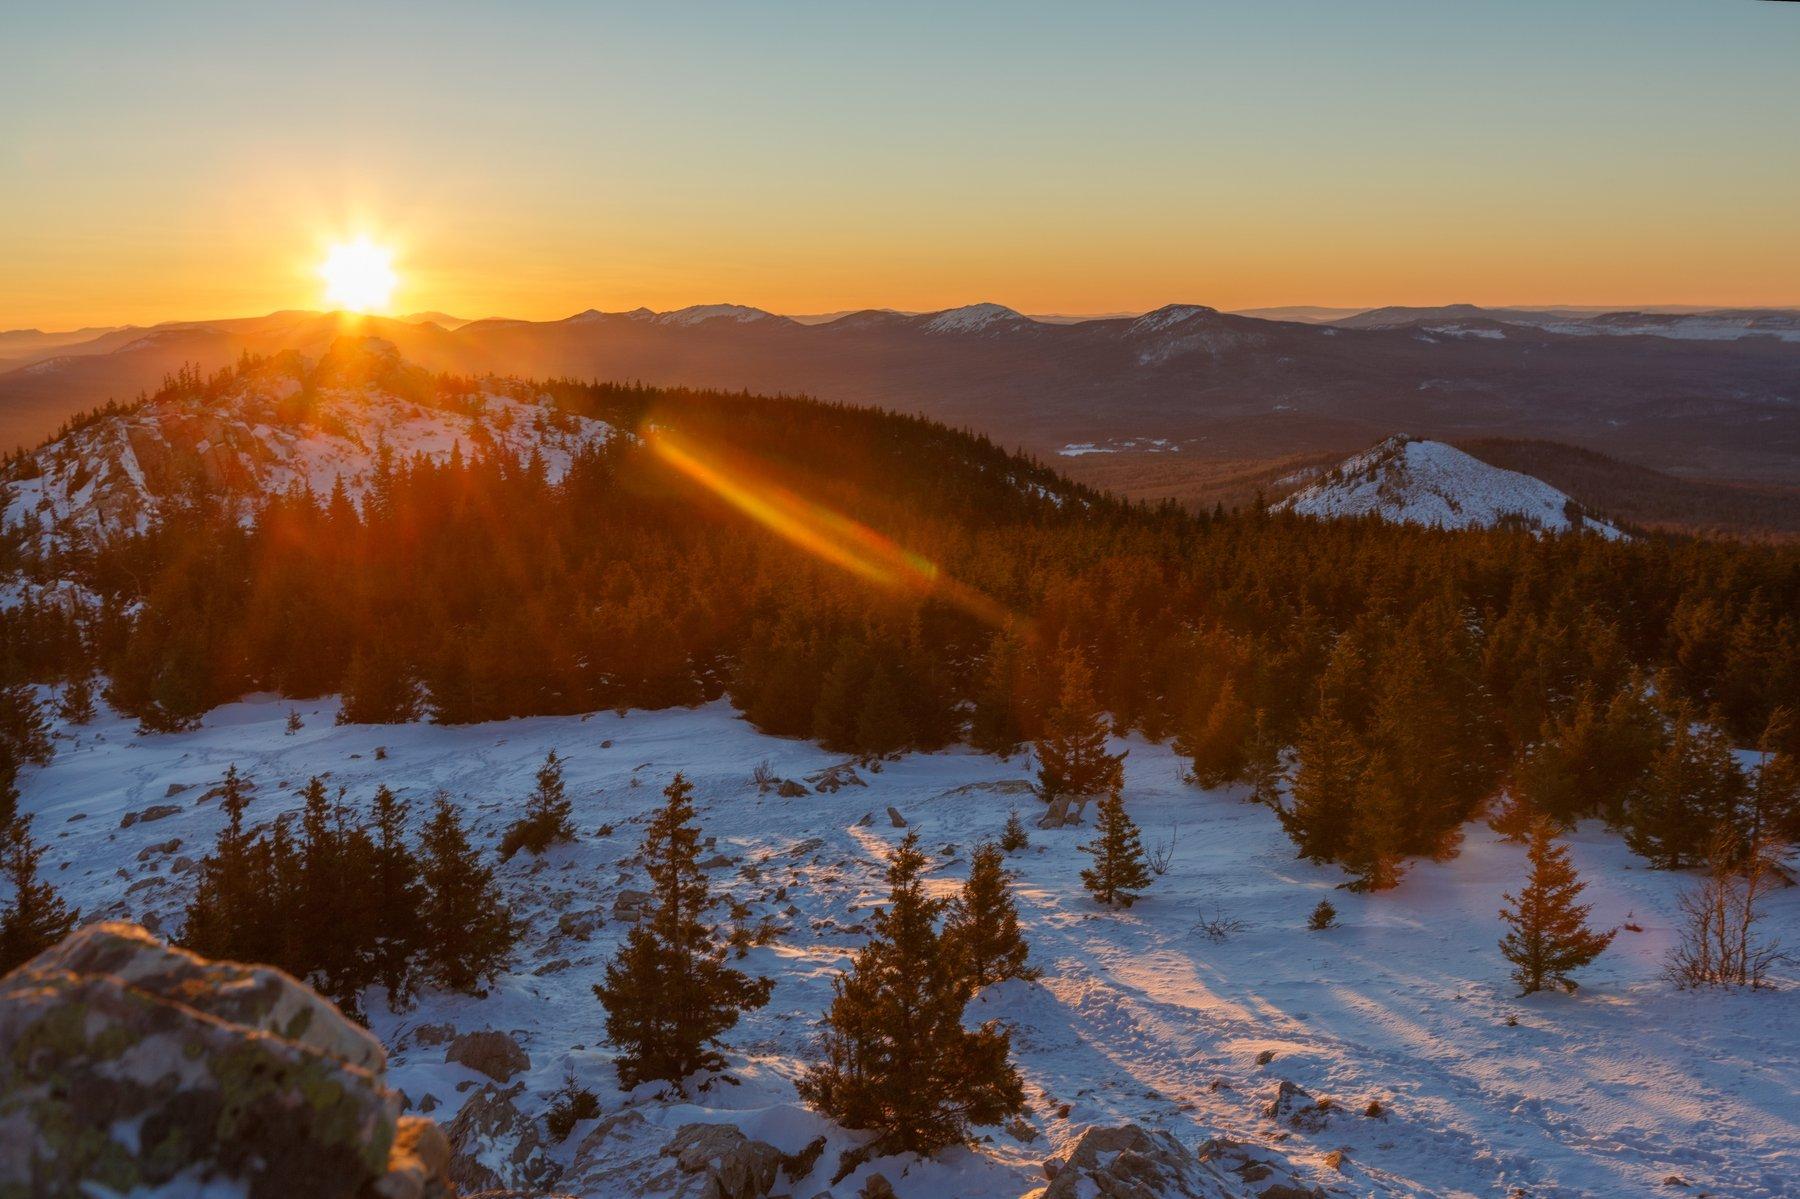 горы, облака, природа, урал, рассвет, пейзаж, путешествие, россия, челябинск, екатеринбург, Шевченко Николай